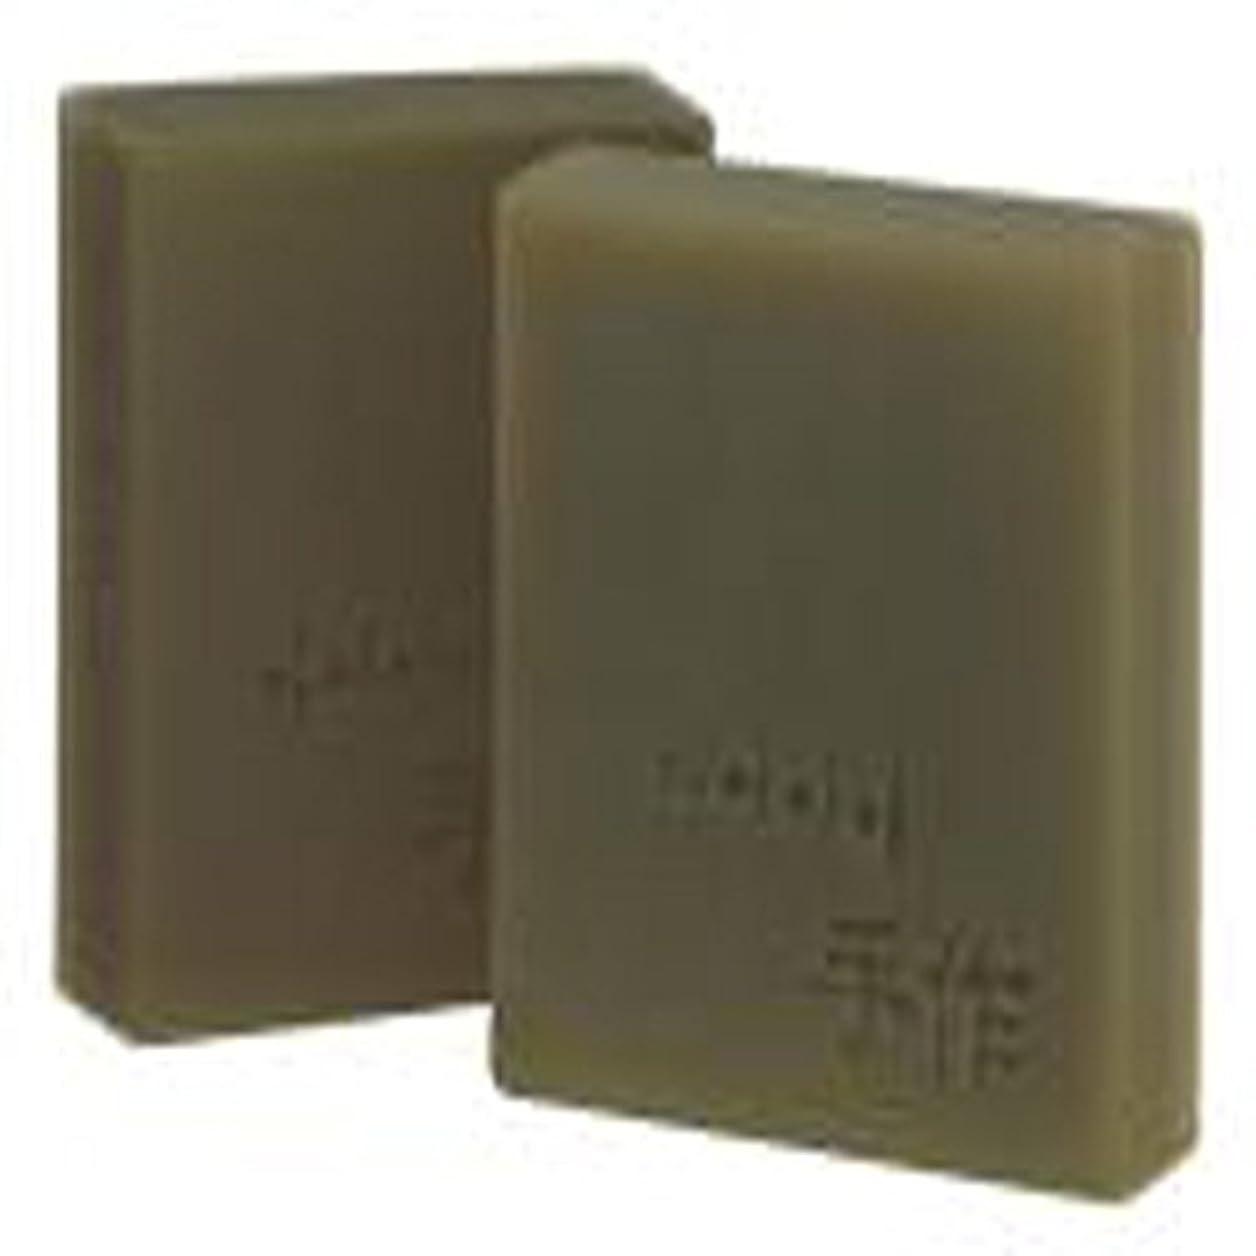 設置国際クレーターNatural organic 有機天然ソープ 固形 無添加 洗顔せっけんクレンジング 石鹸 [並行輸入品] (緑豆)